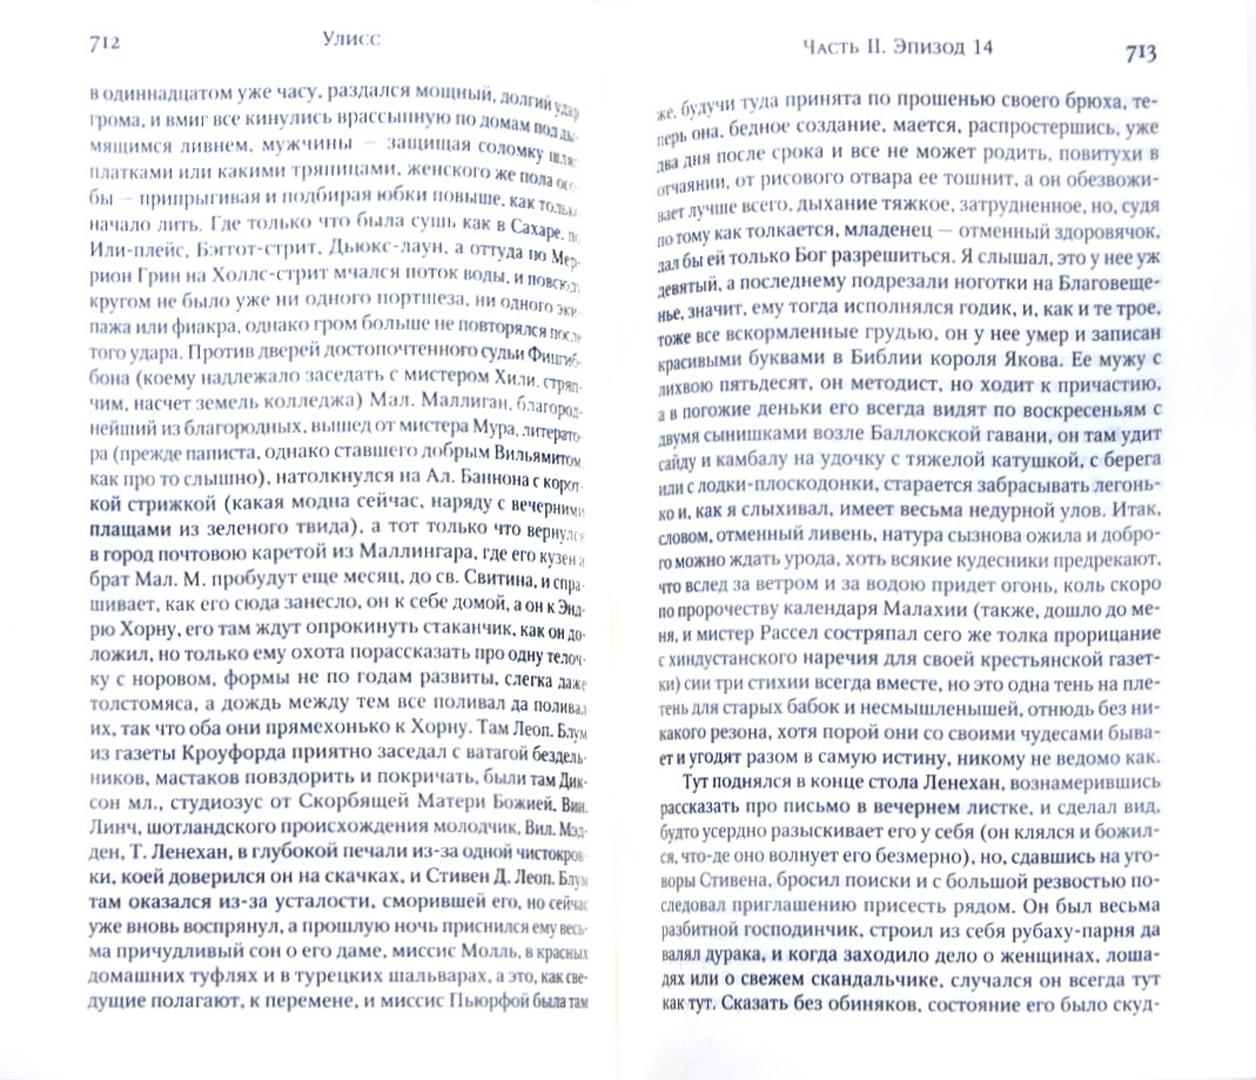 Иллюстрация 1 из 32 для Дублинцы. Улисс - Джеймс Джойс | Лабиринт - книги. Источник: Лабиринт